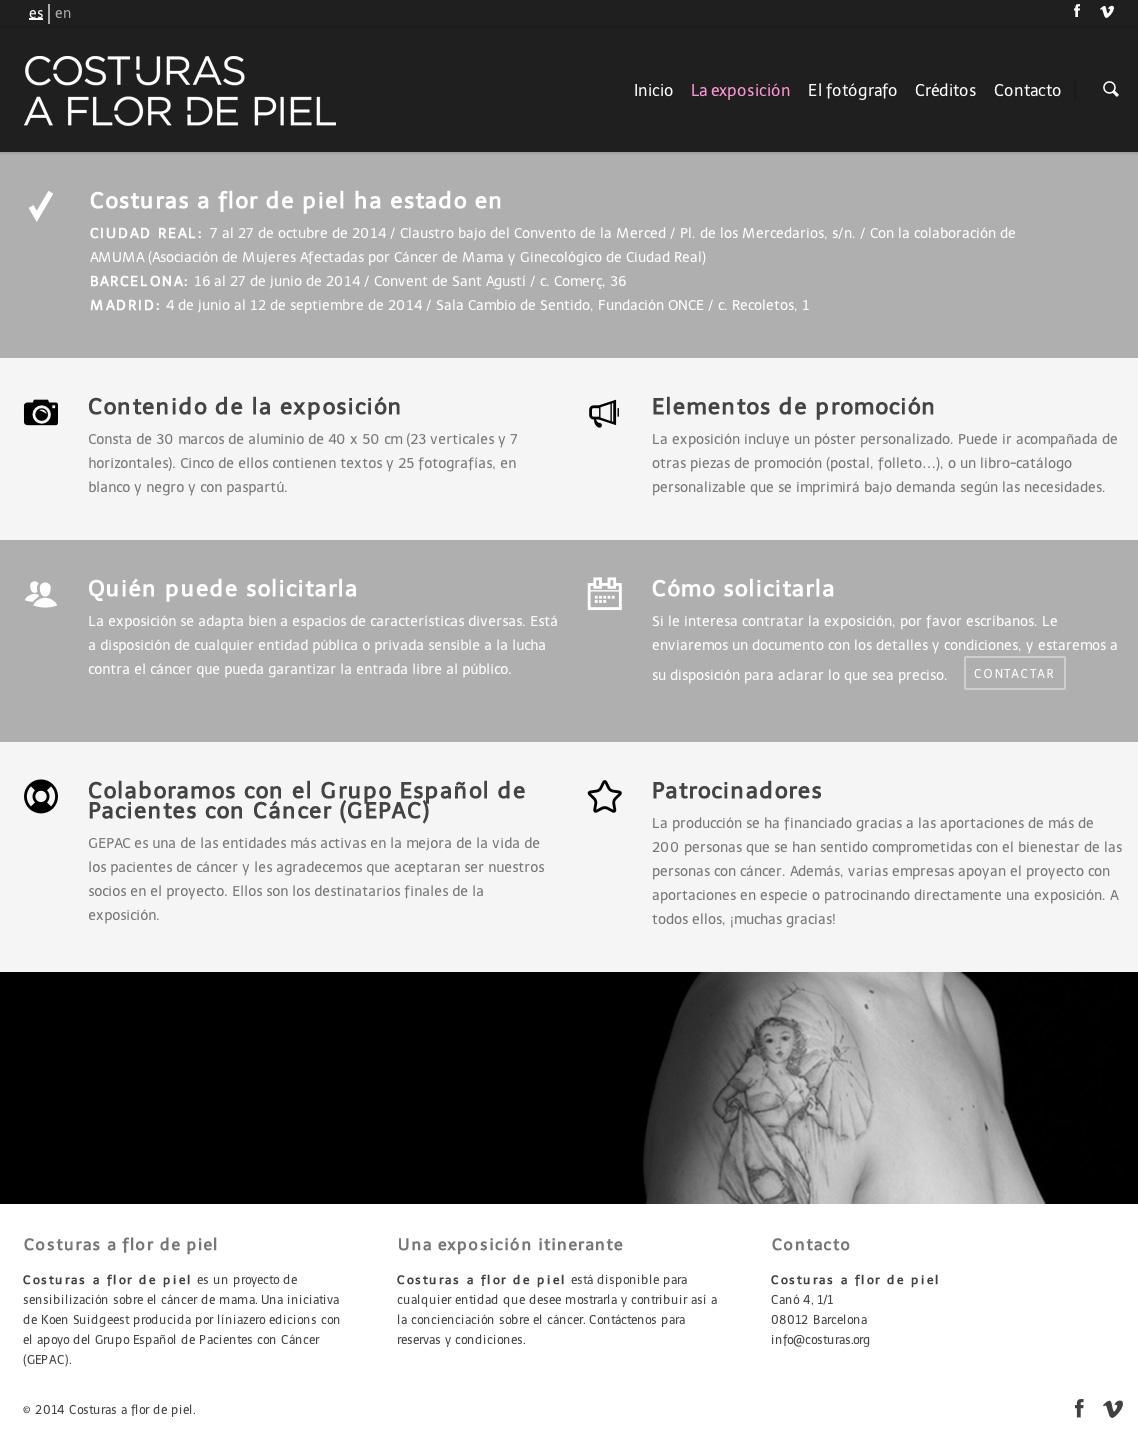 Costuras a flor de piel - Proyecto Fotográfico - Diseño Web